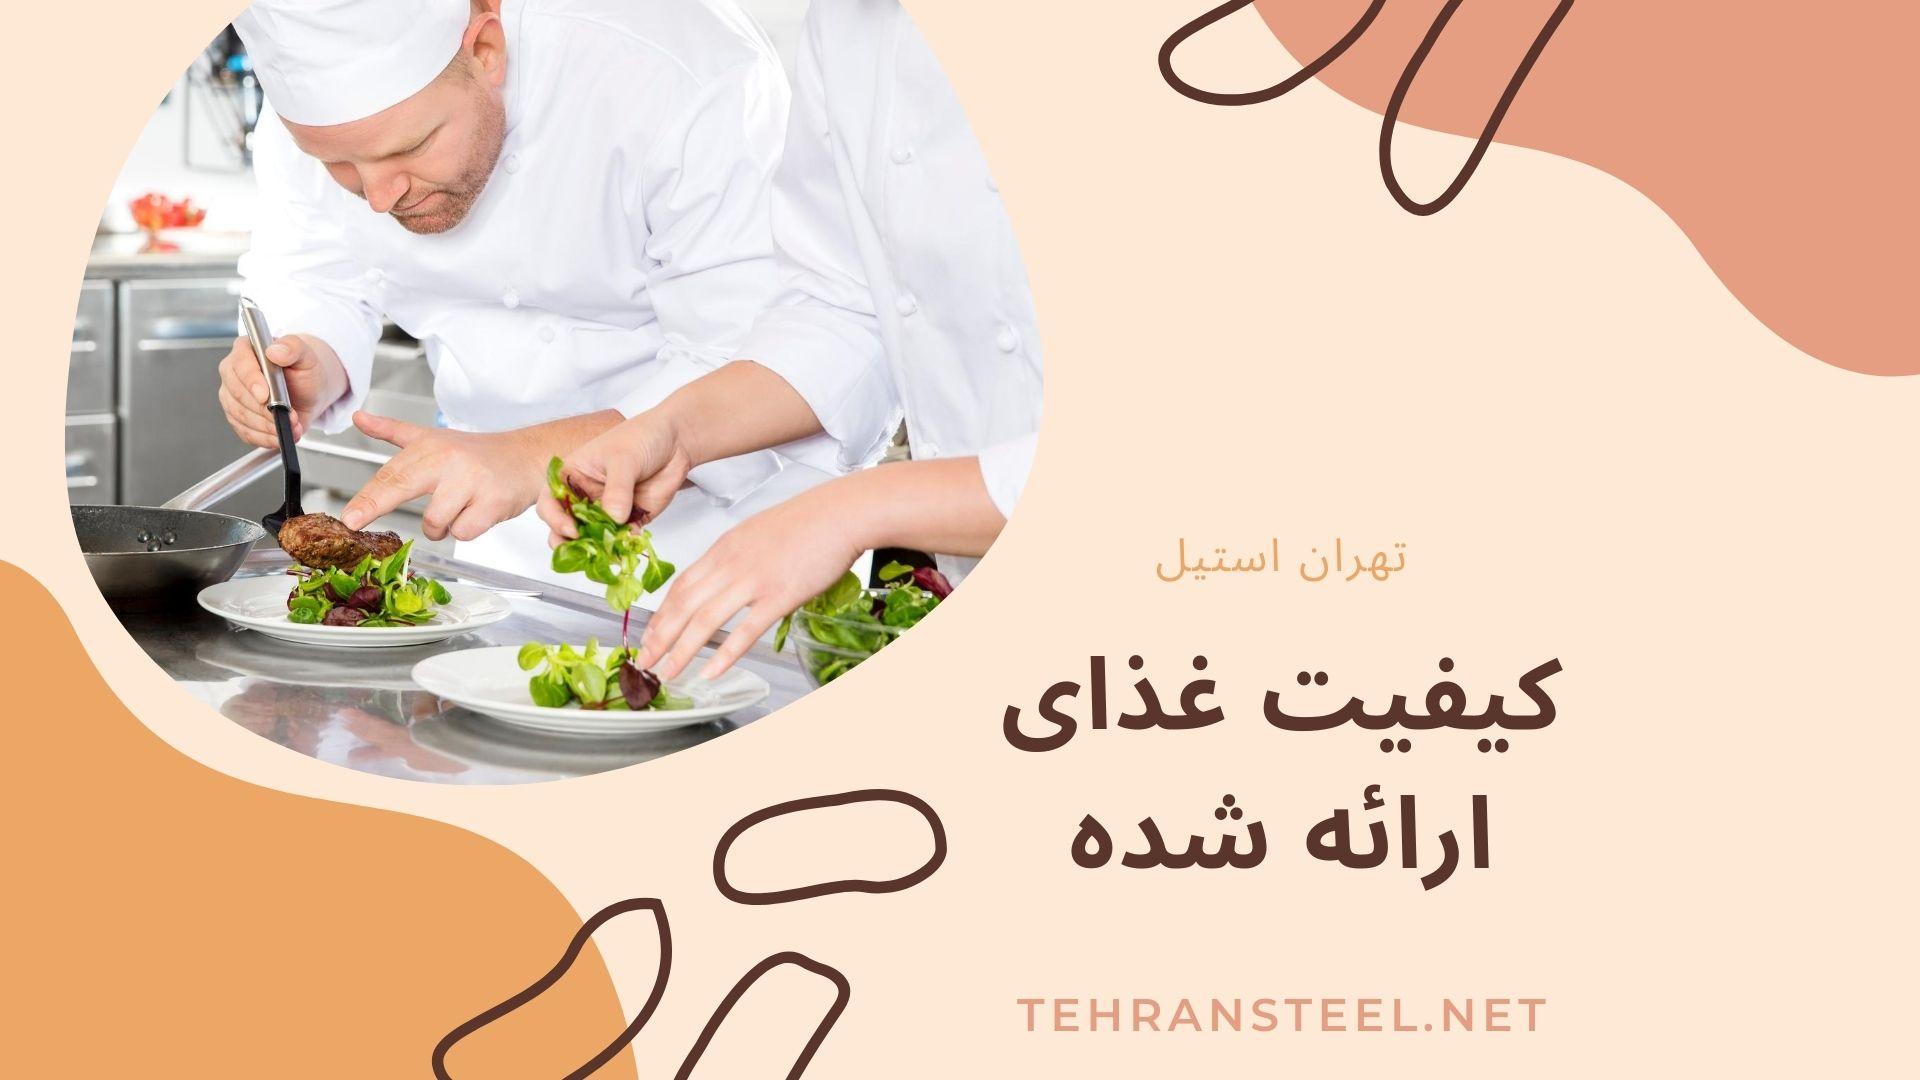 کیفیت غذای ارائه شده